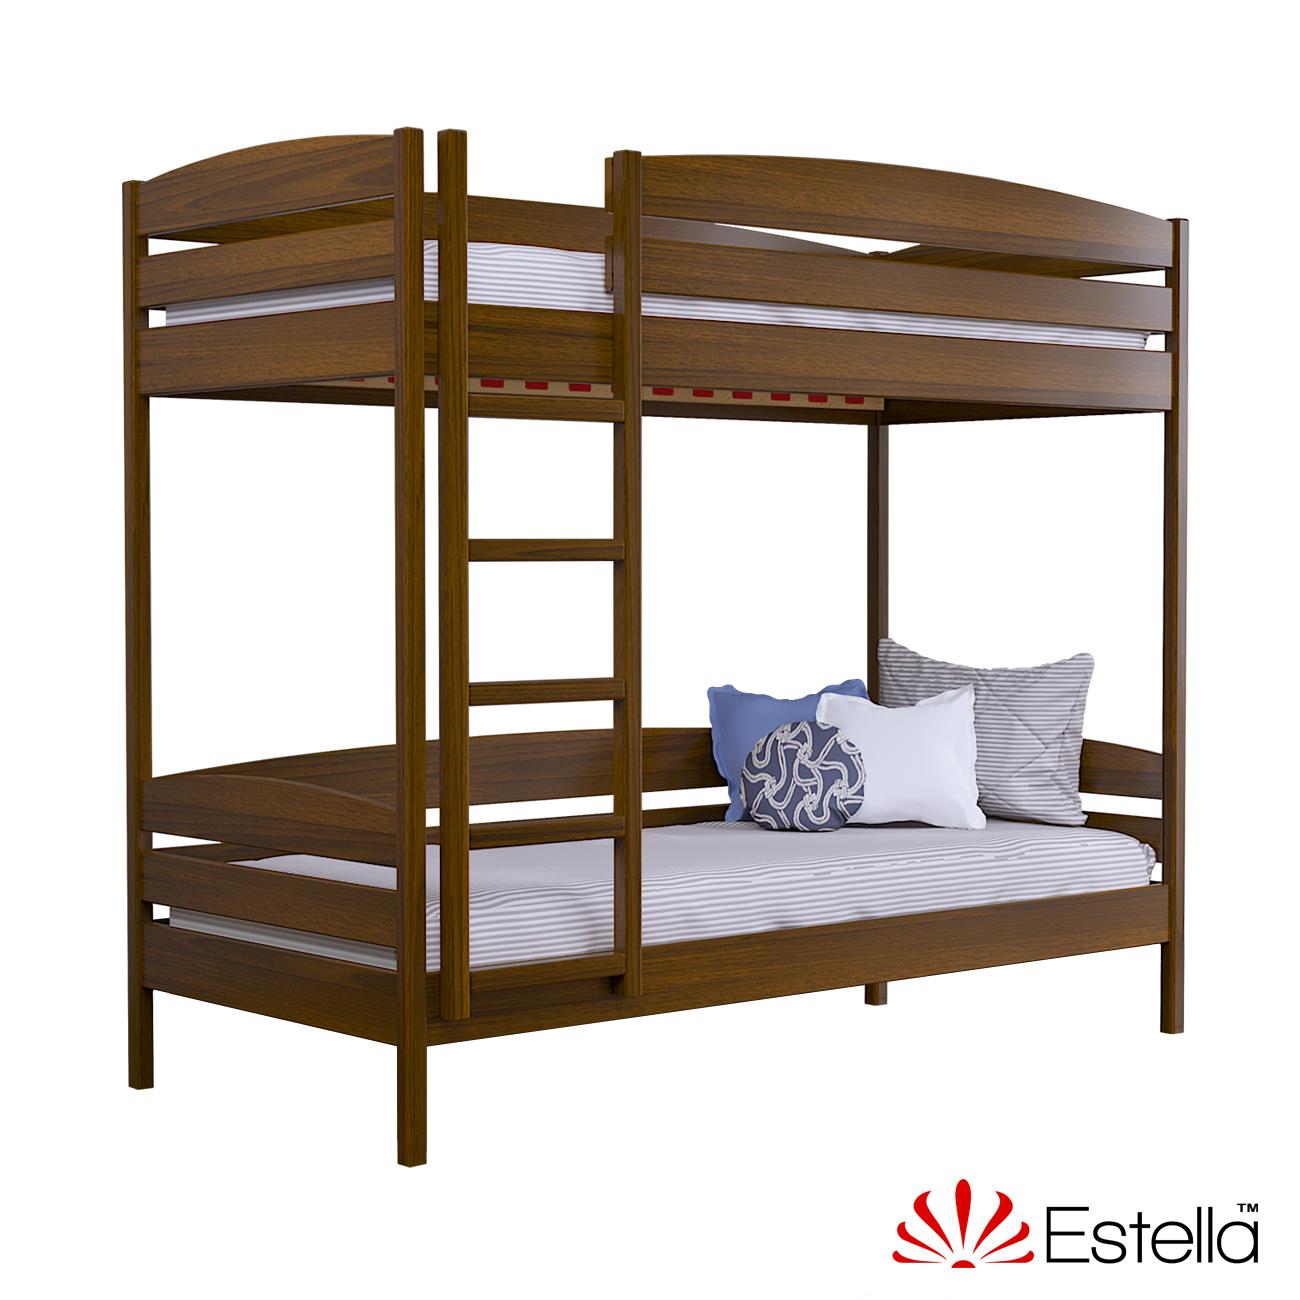 Двухъярусная кровать Дуэт Плюс без ящиков Estella 90х190 103 - светлый орех Масив 2Л4